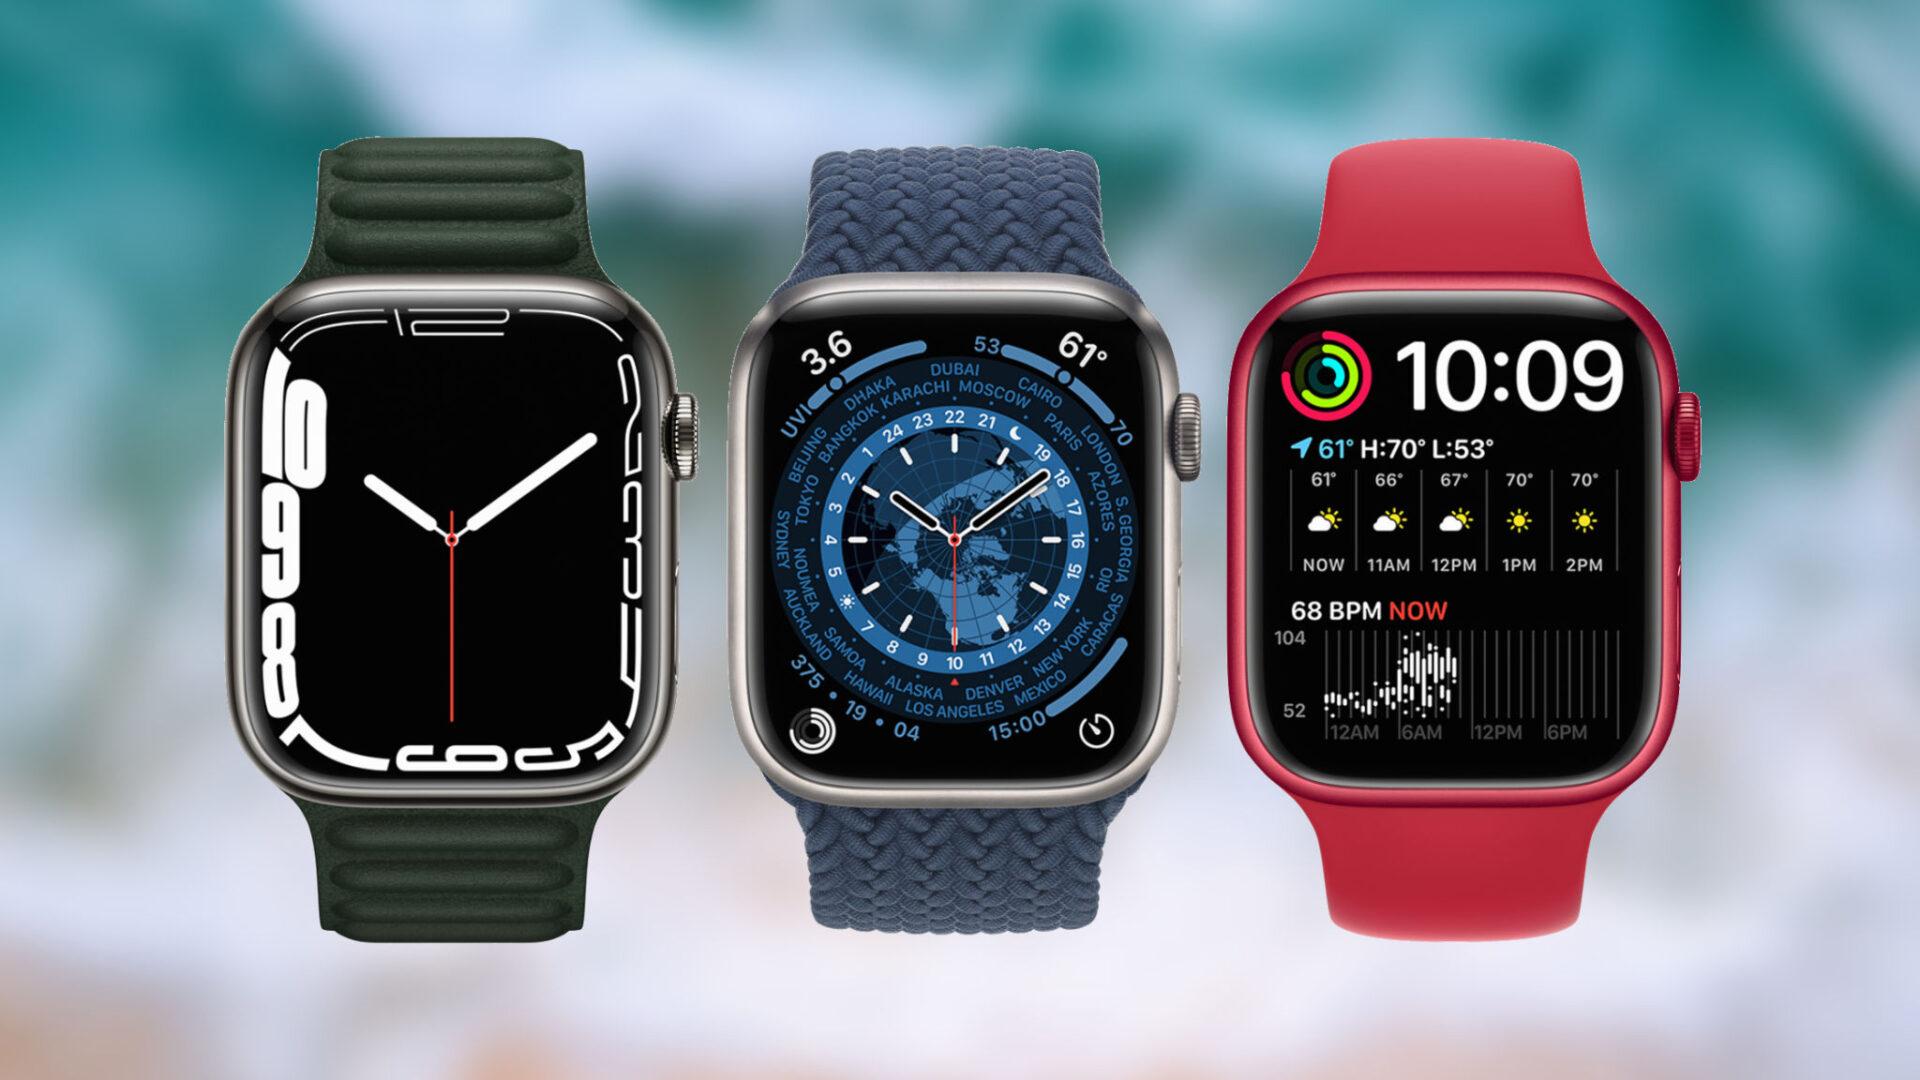 Những mặt đồng hồ mới độc quyền cho Apple Watch Series 7